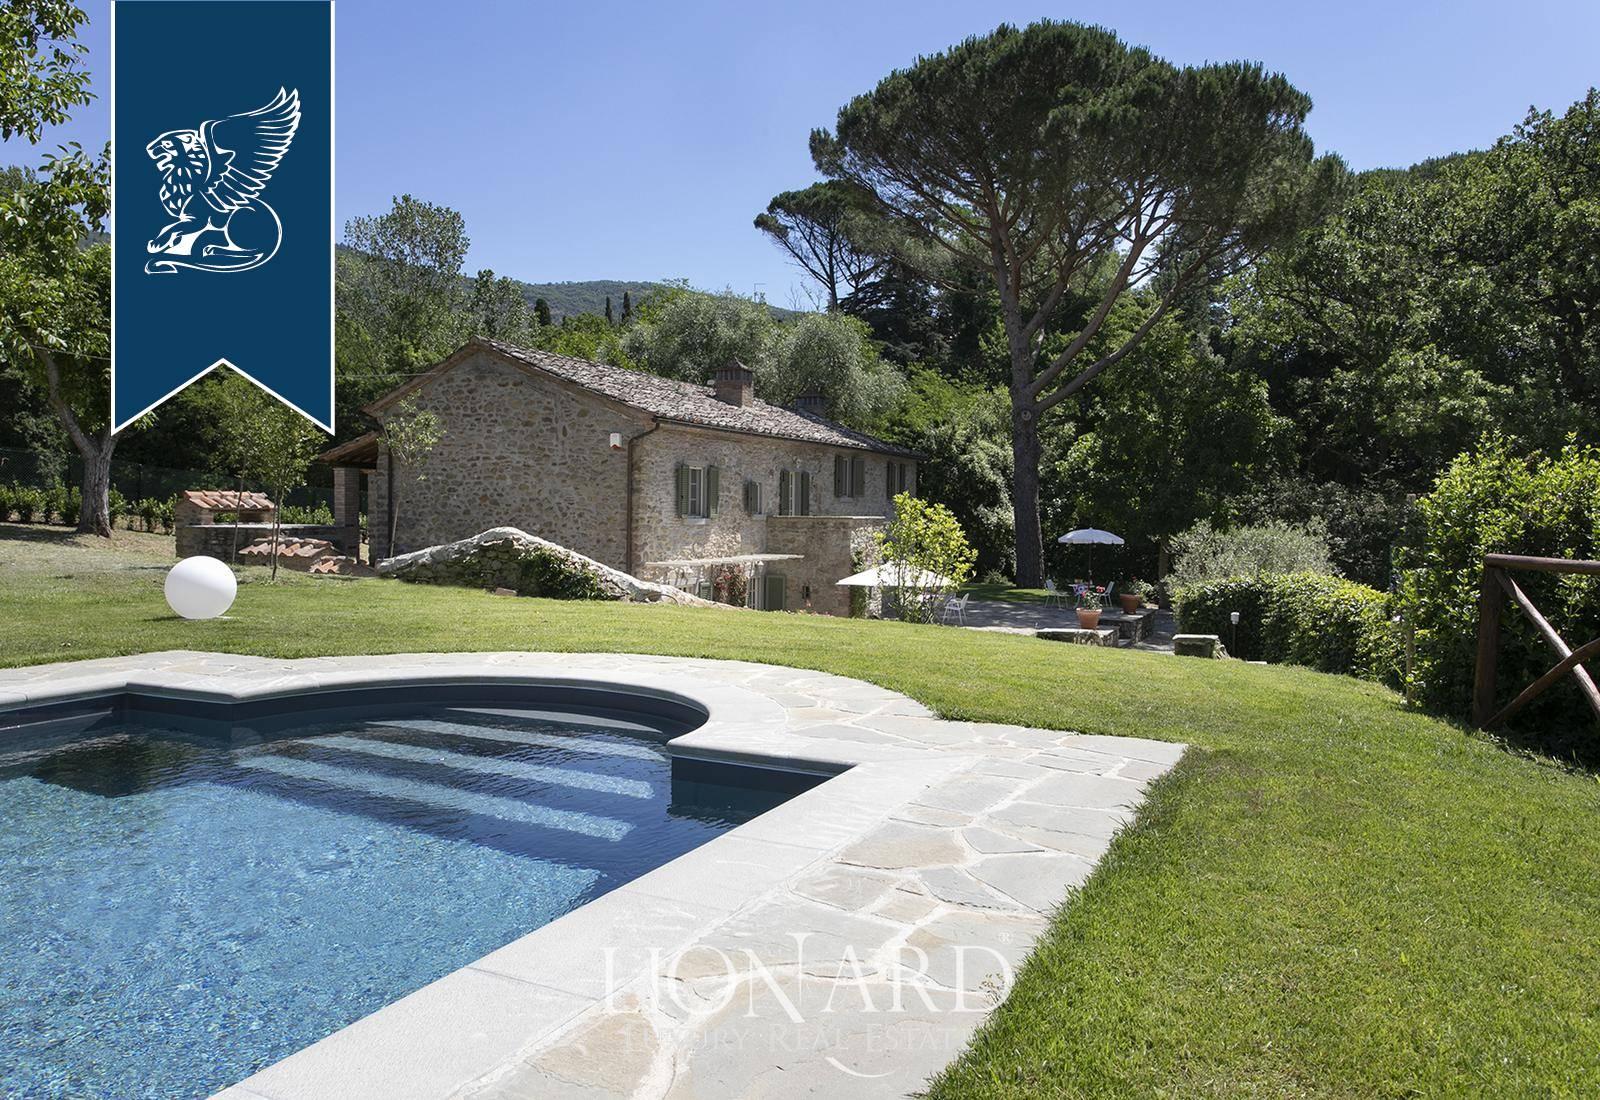 Villa in Vendita a Cortona: 270 mq